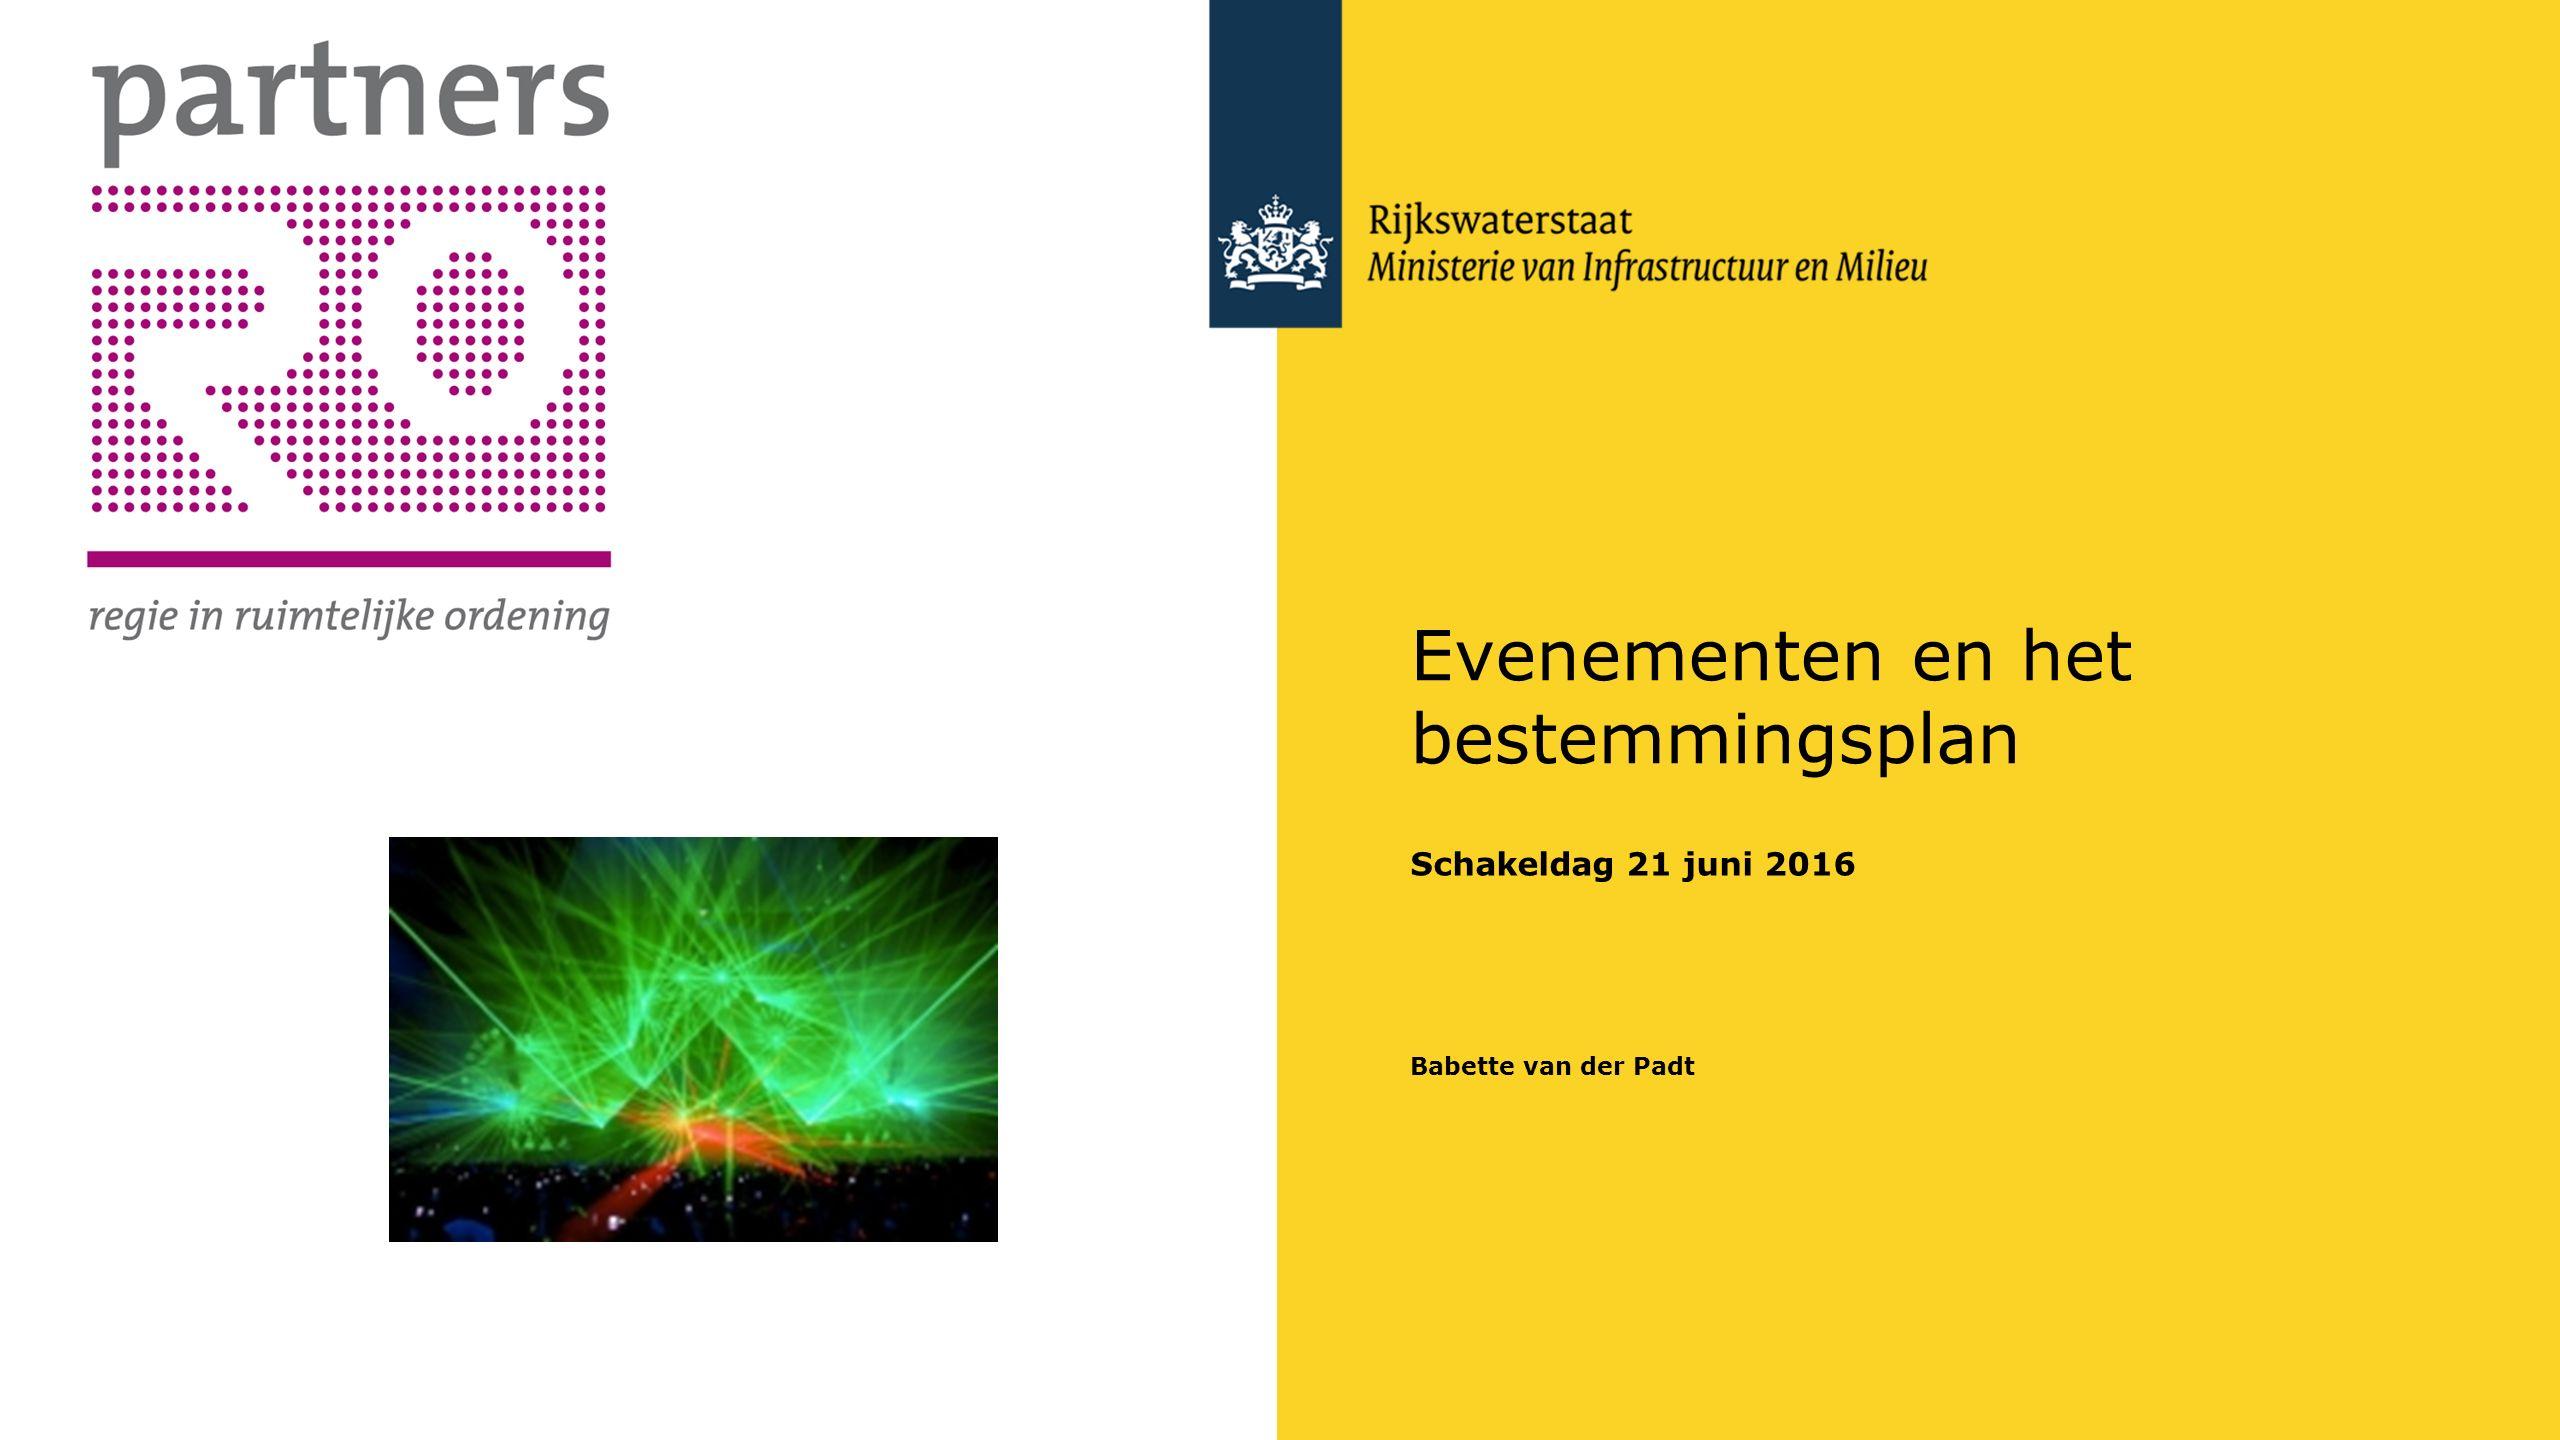 Evenementen en het bestemmingsplan Schakeldag 21 juni 2016 Babette van der Padt